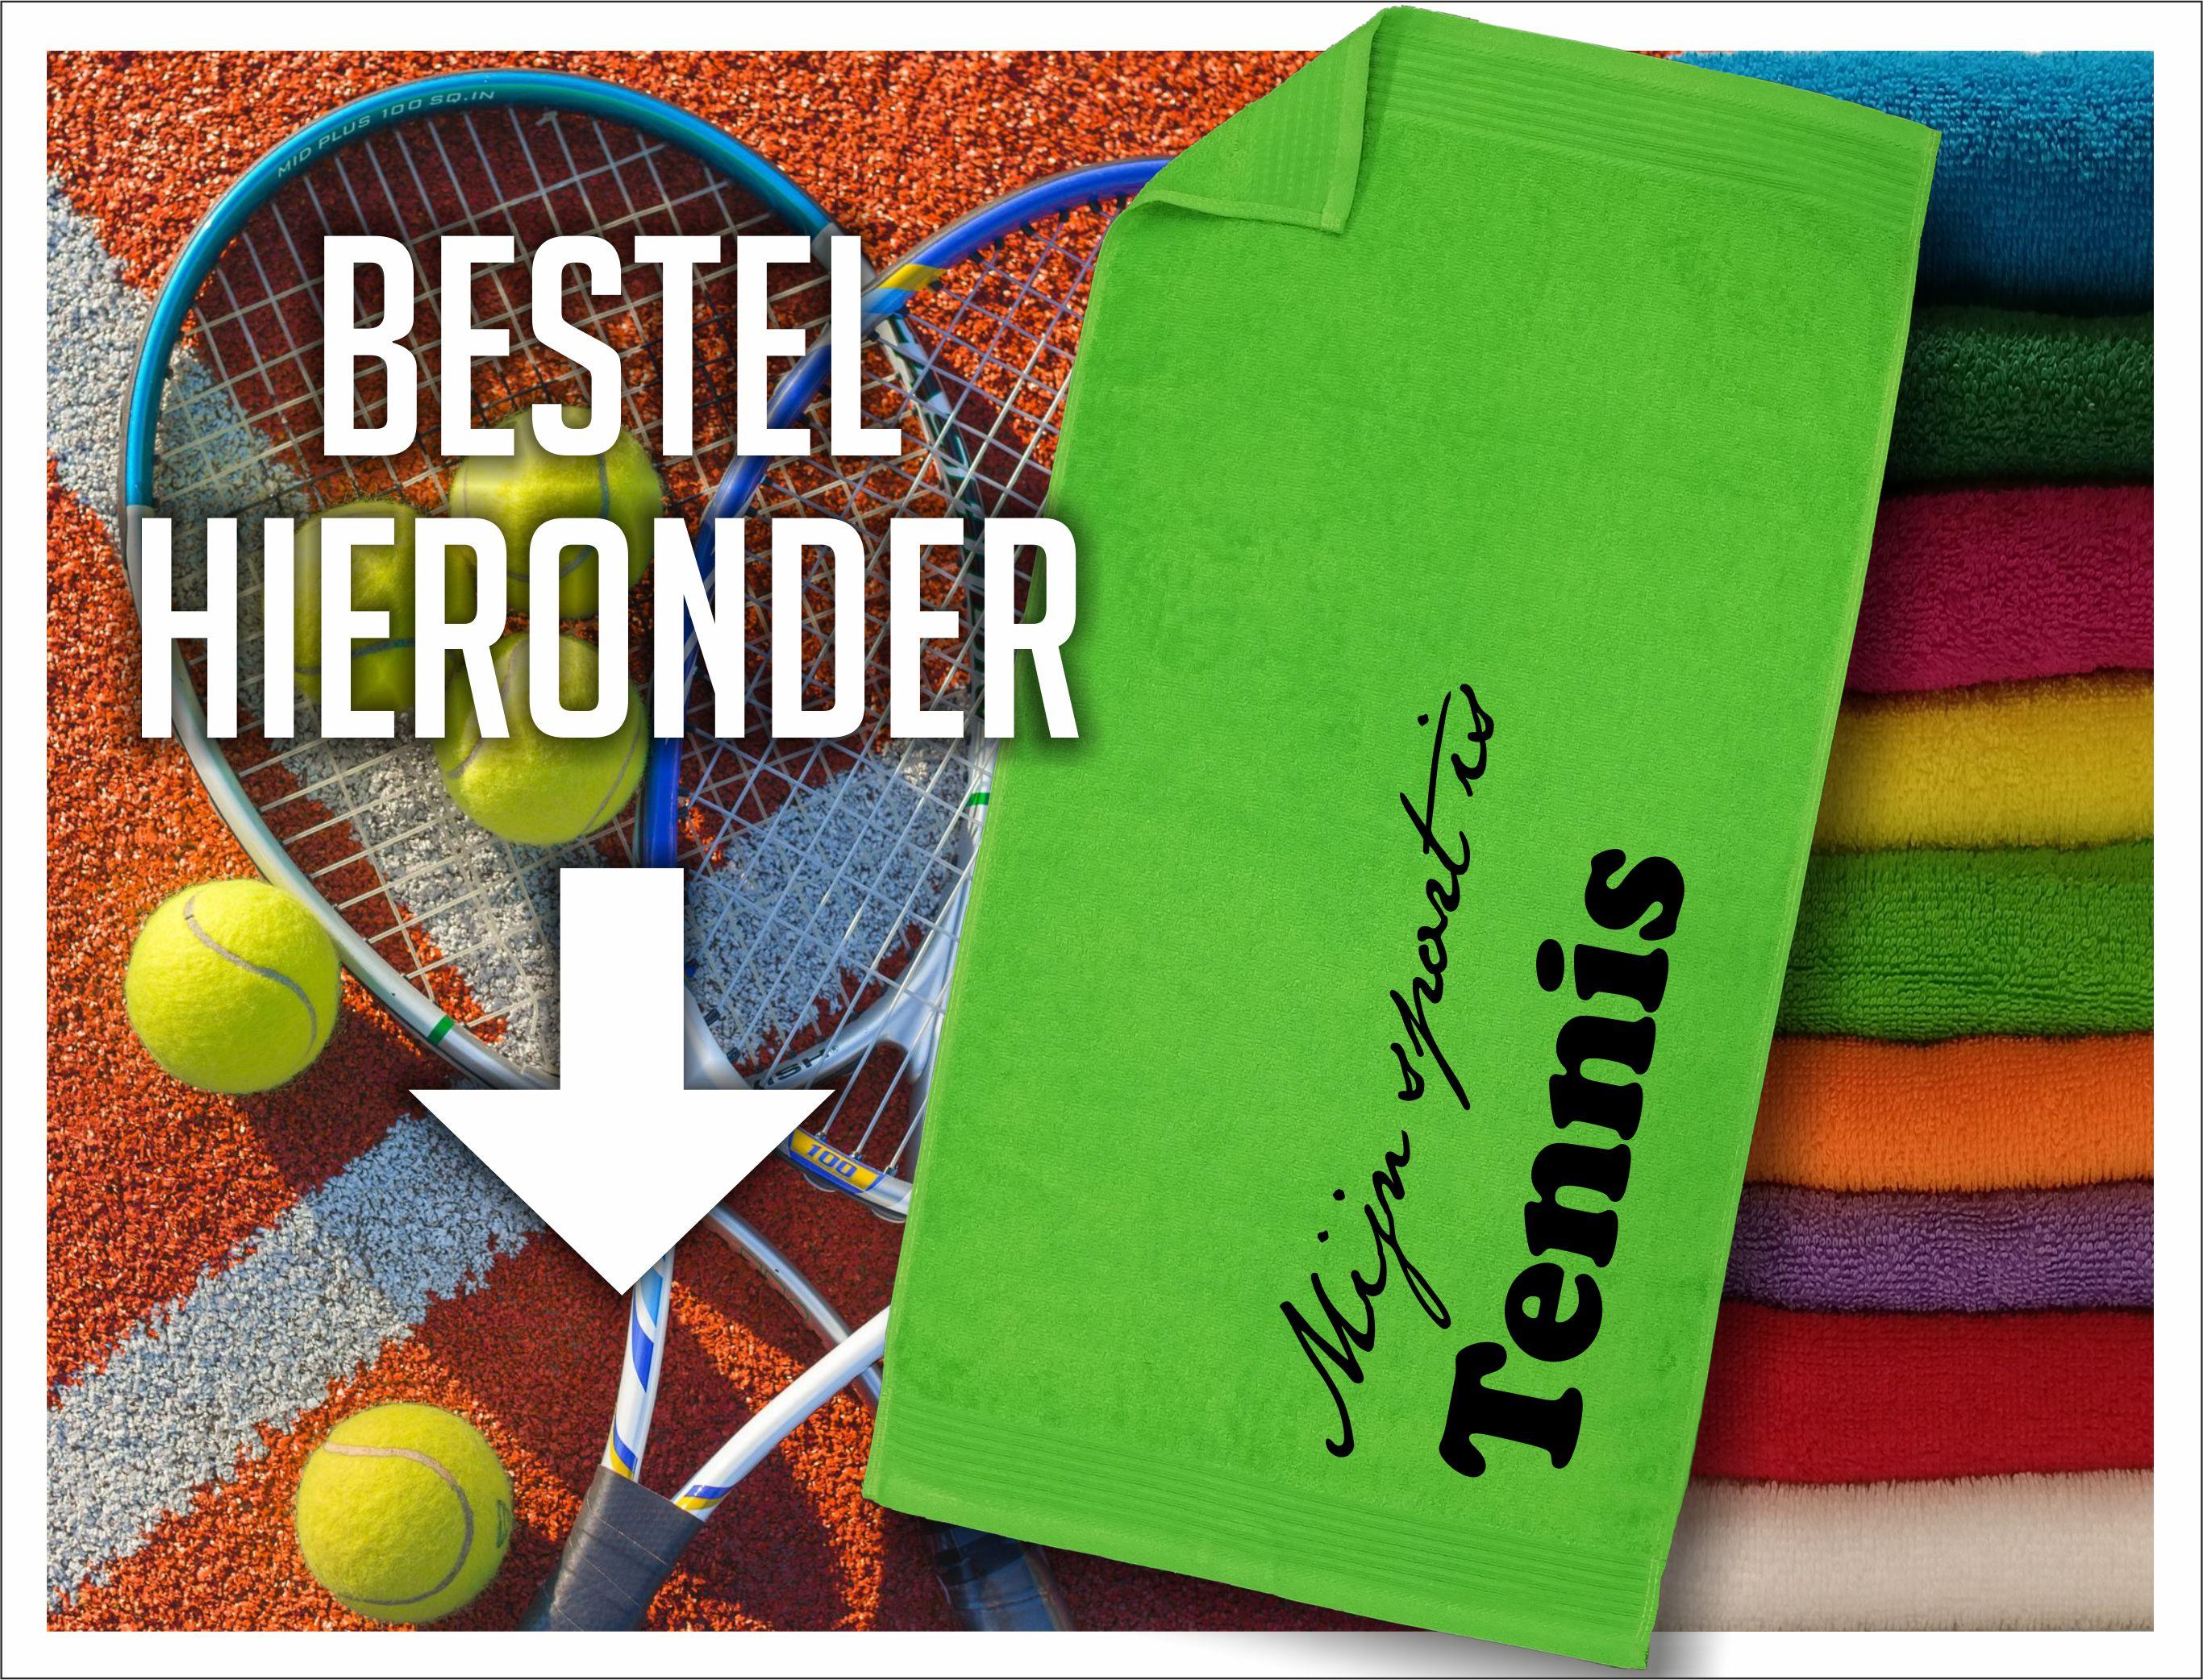 tennis handdoek bestellen hieronder